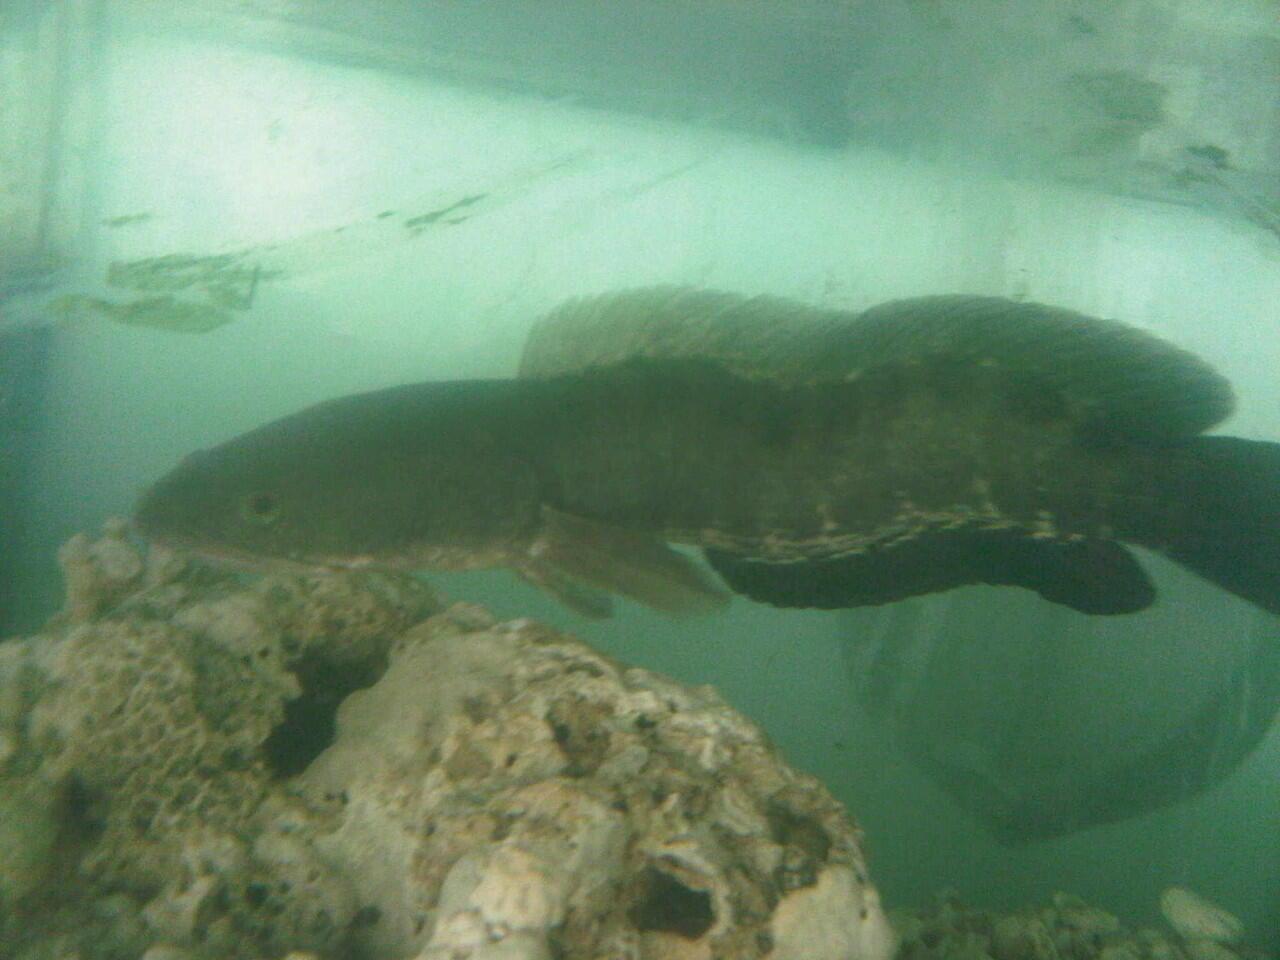 ikan gabus aka Channa striata